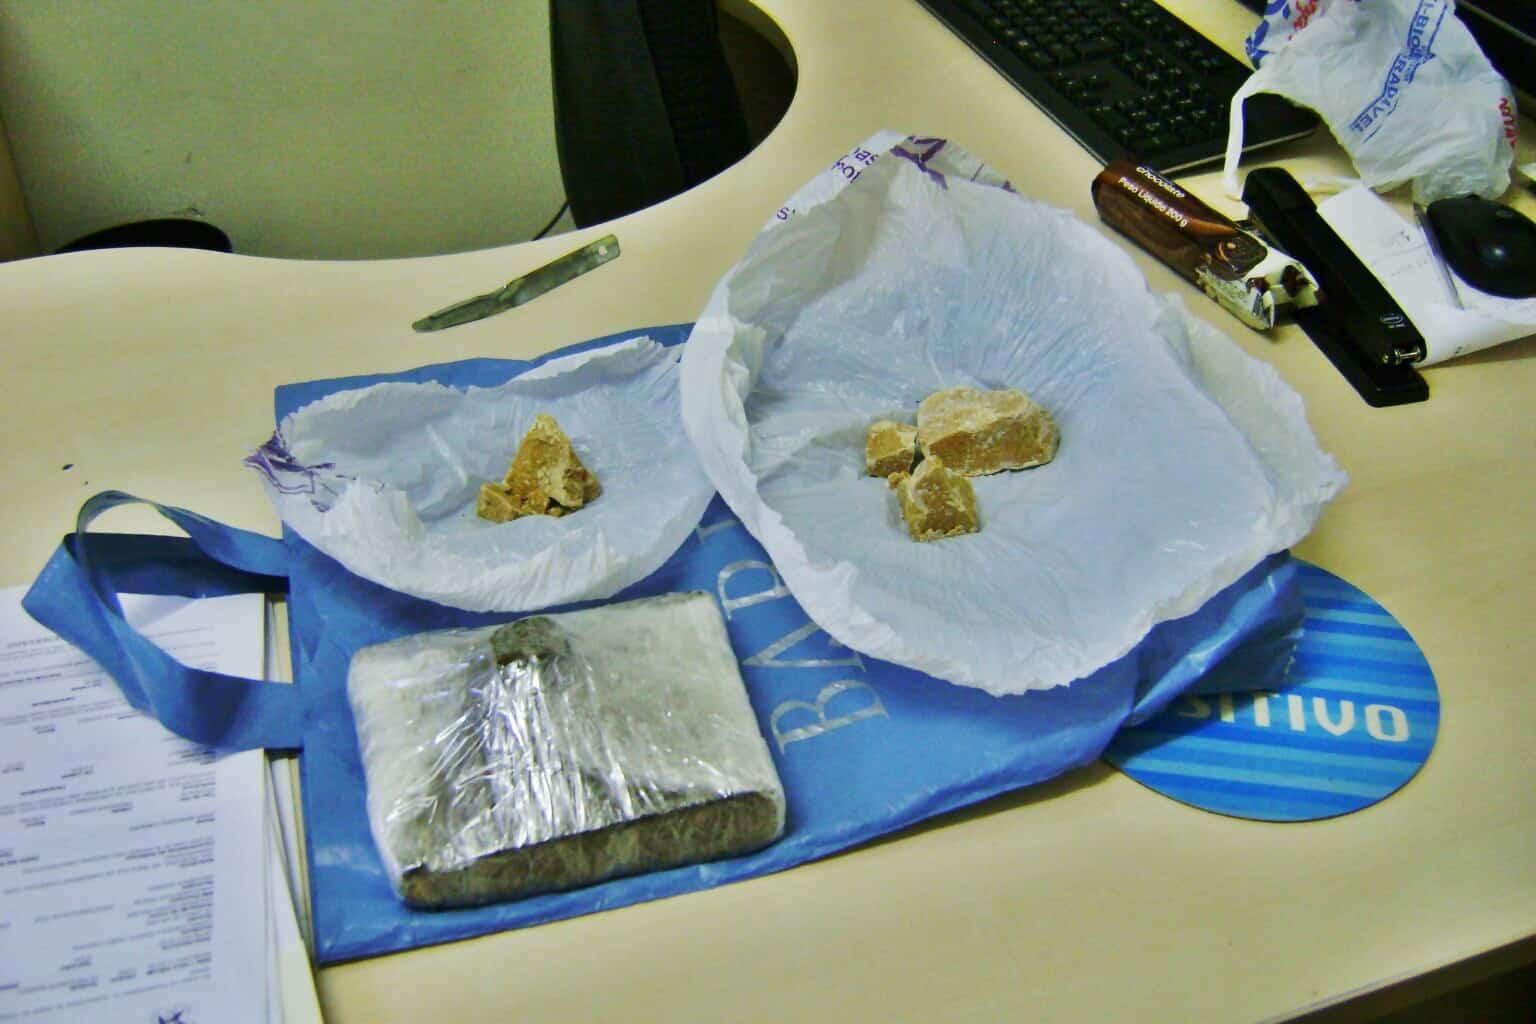 Os detidos responderão pela infração análoga a tráfico de drogas